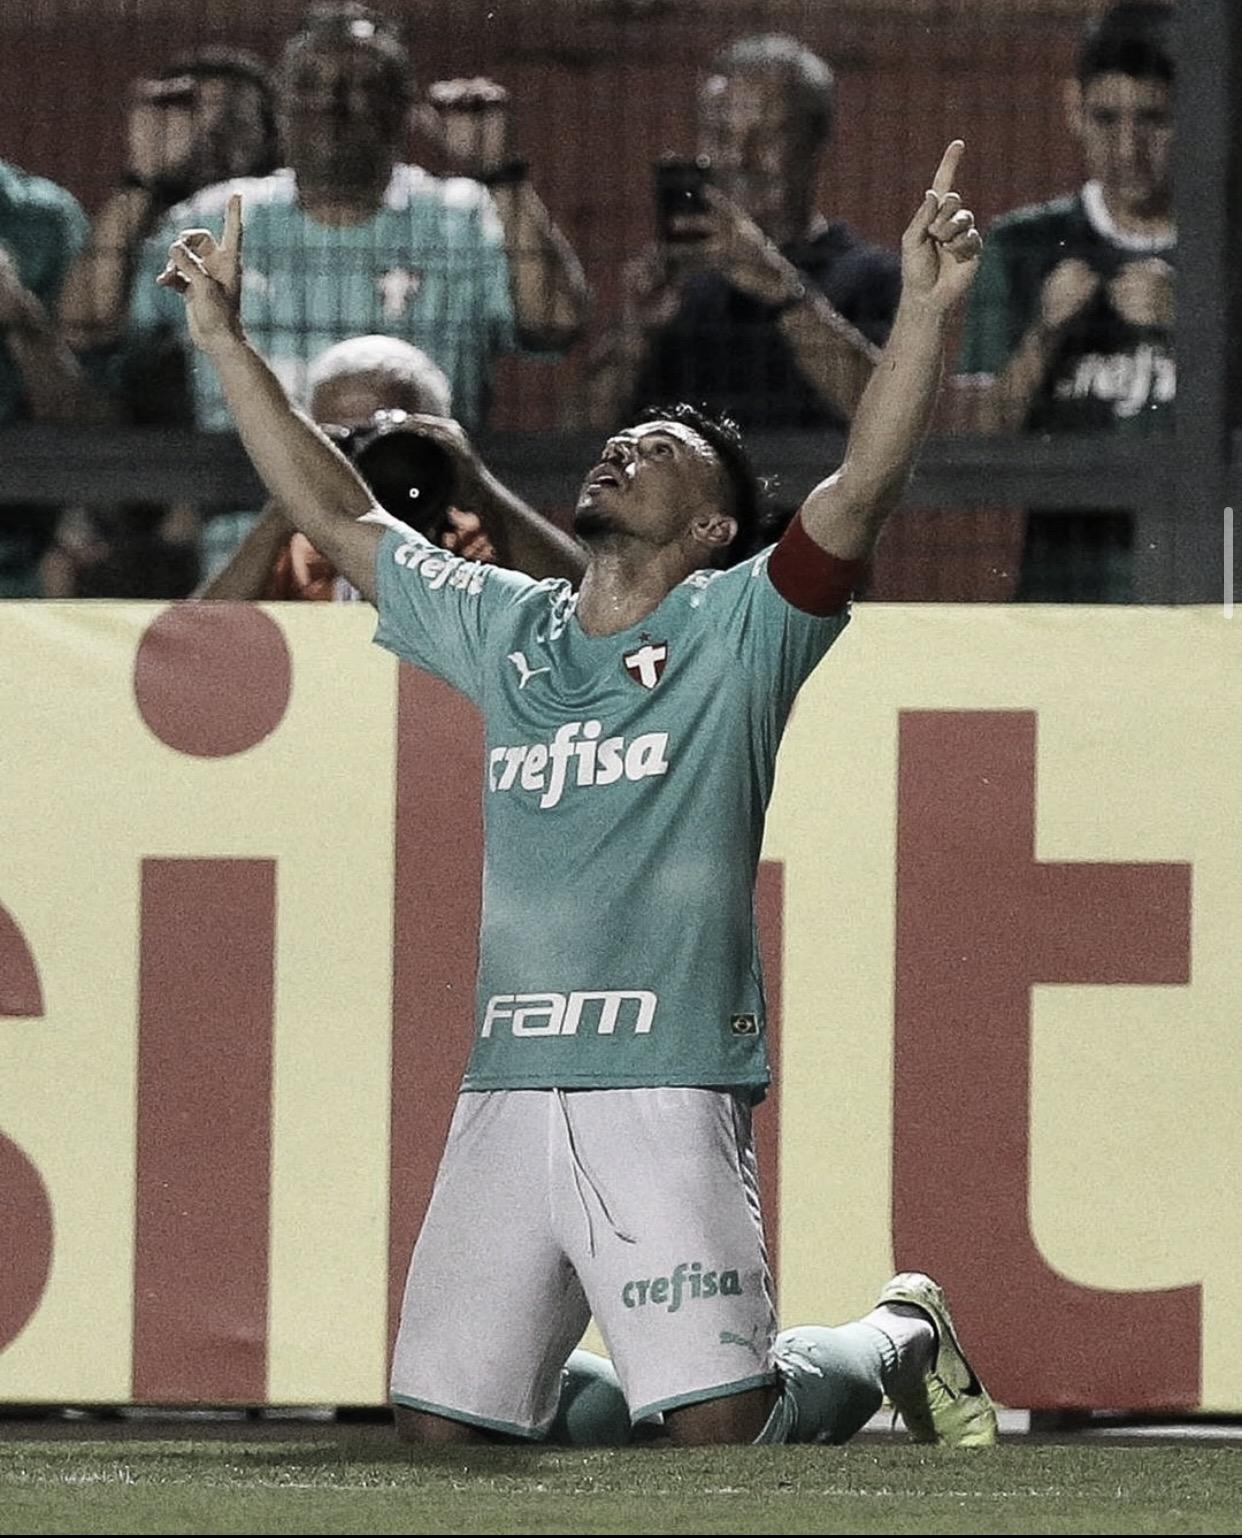 #SeleçãoVAVEL: Confira destaques do Paulistão 2020 antes da paralisação